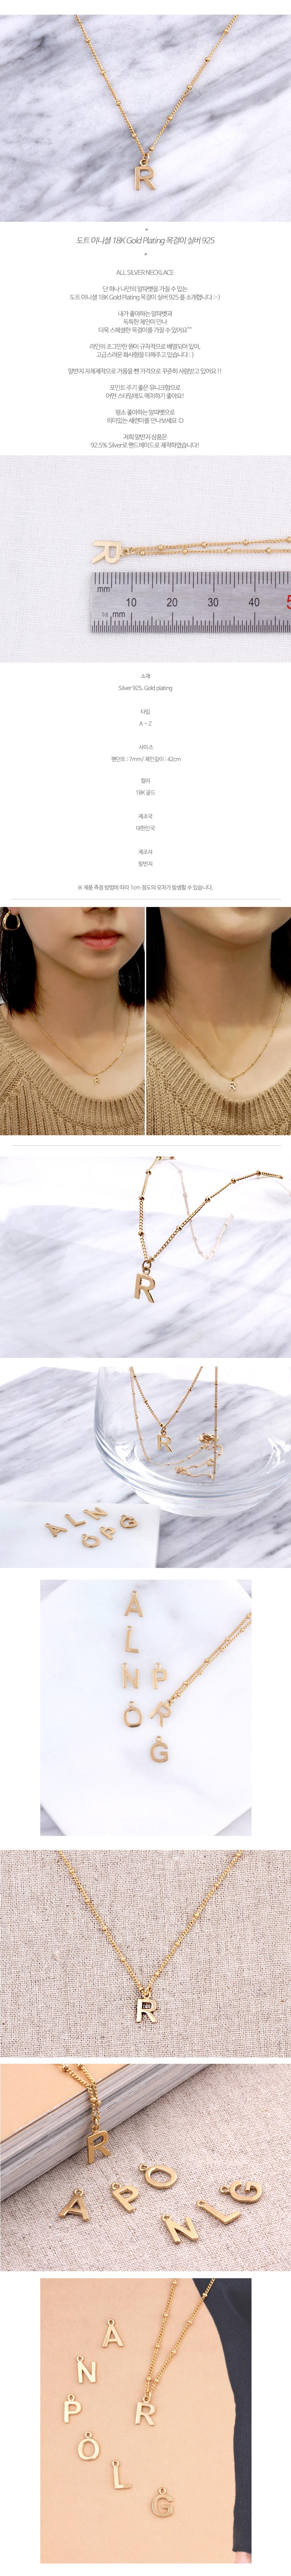 도트 이니셜 18K Gold Plating 목걸이 실버 925 - 알반지, 19,000원, 골드, 이니셜목걸이